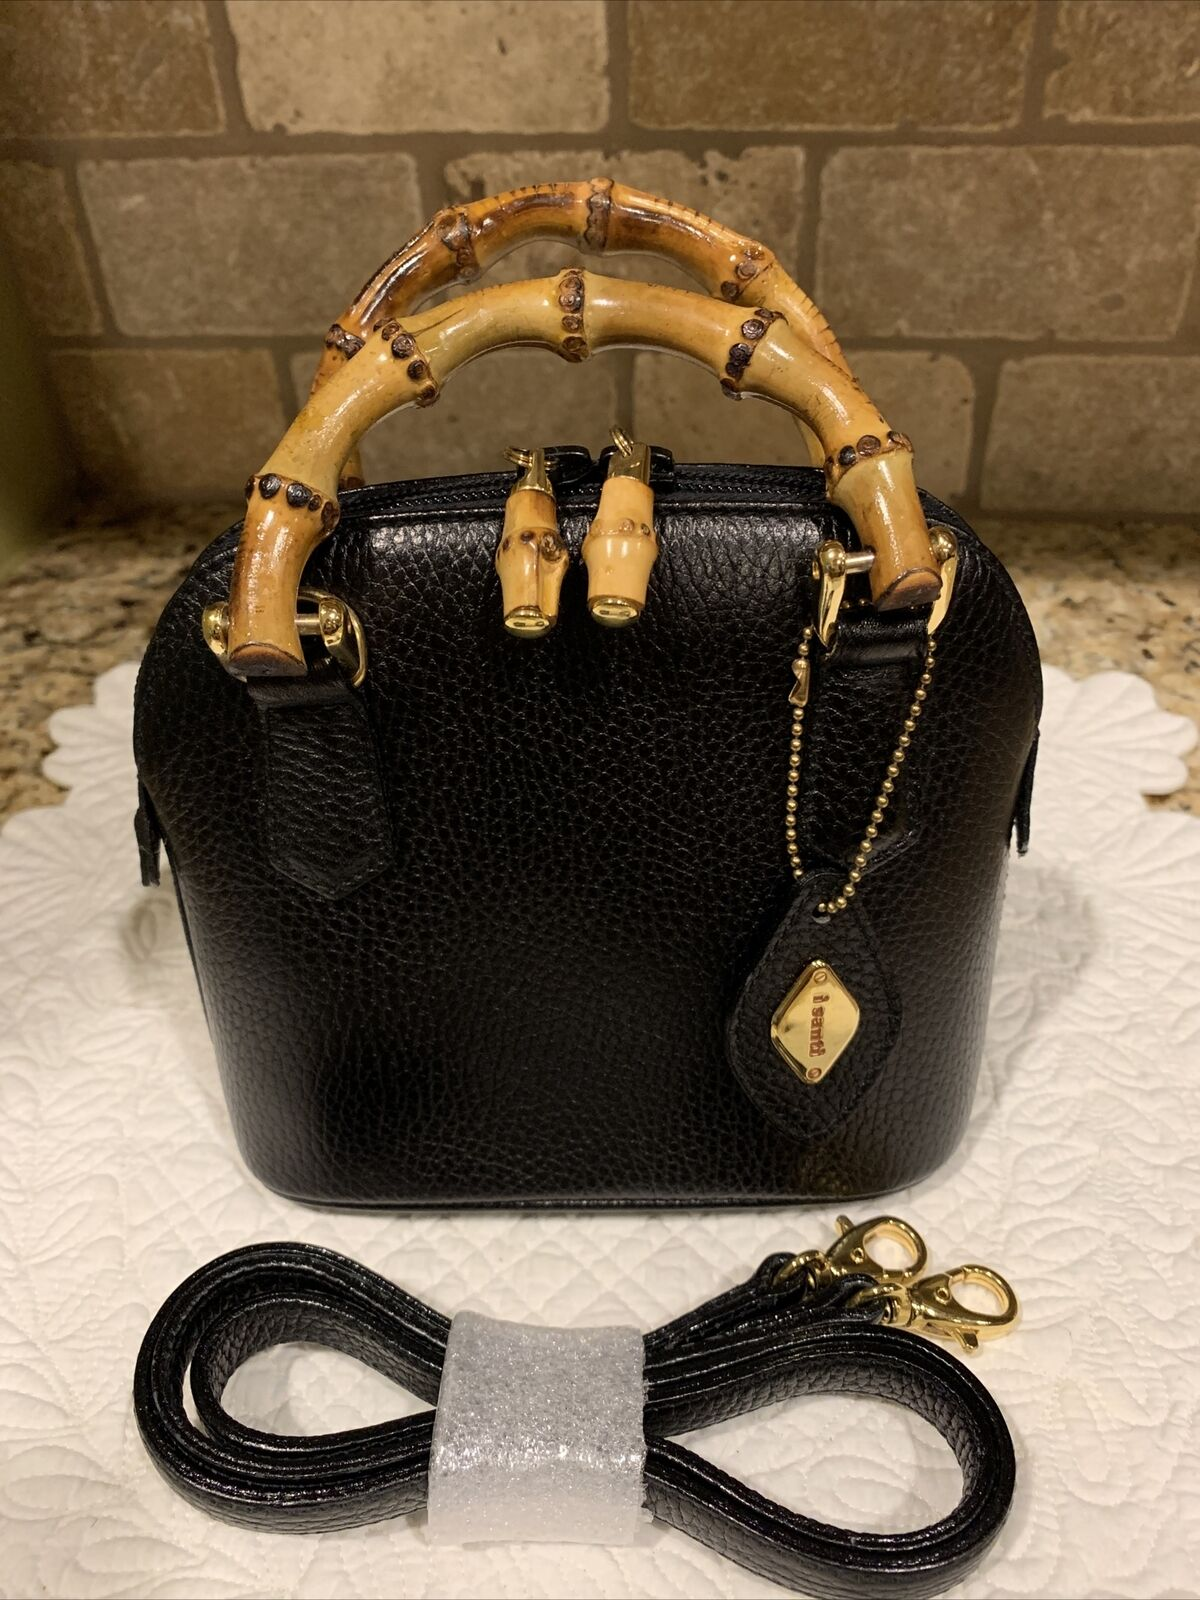 i santi mini Handbag Black Leather Serialized Bamboo Small purse Italy Cute!!